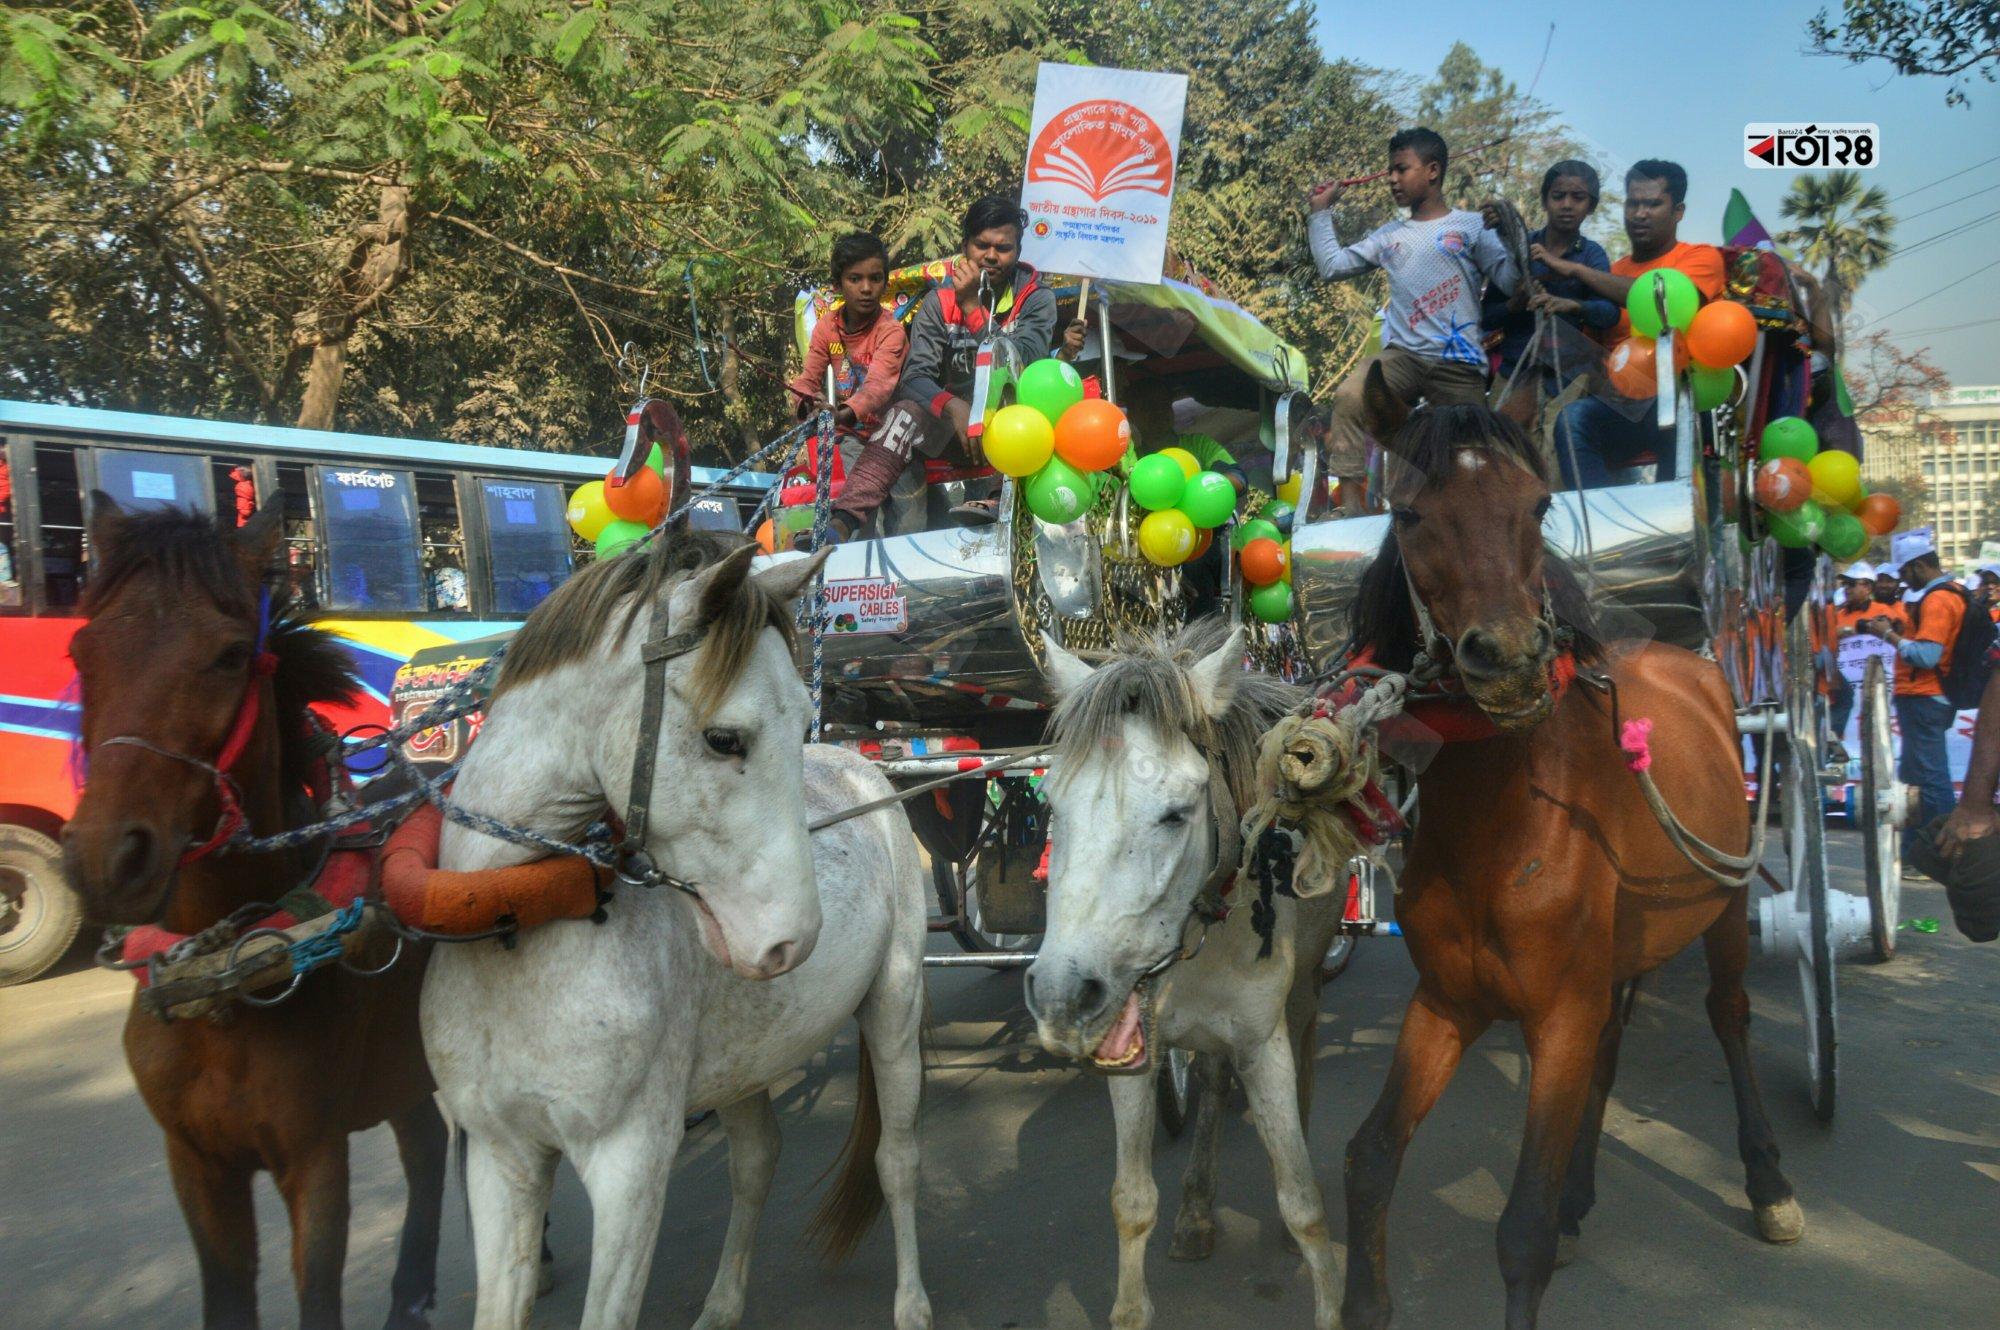 মঙ্গলবার (৫ ফেব্রুয়ারি) দ্বিতীয়বারের মতো পালন করা হয় জাতীয় গ্রন্থাগার দিবস। ছবিটি শাহাবাগ থেকে তুলেছেন সুমন শেখ।